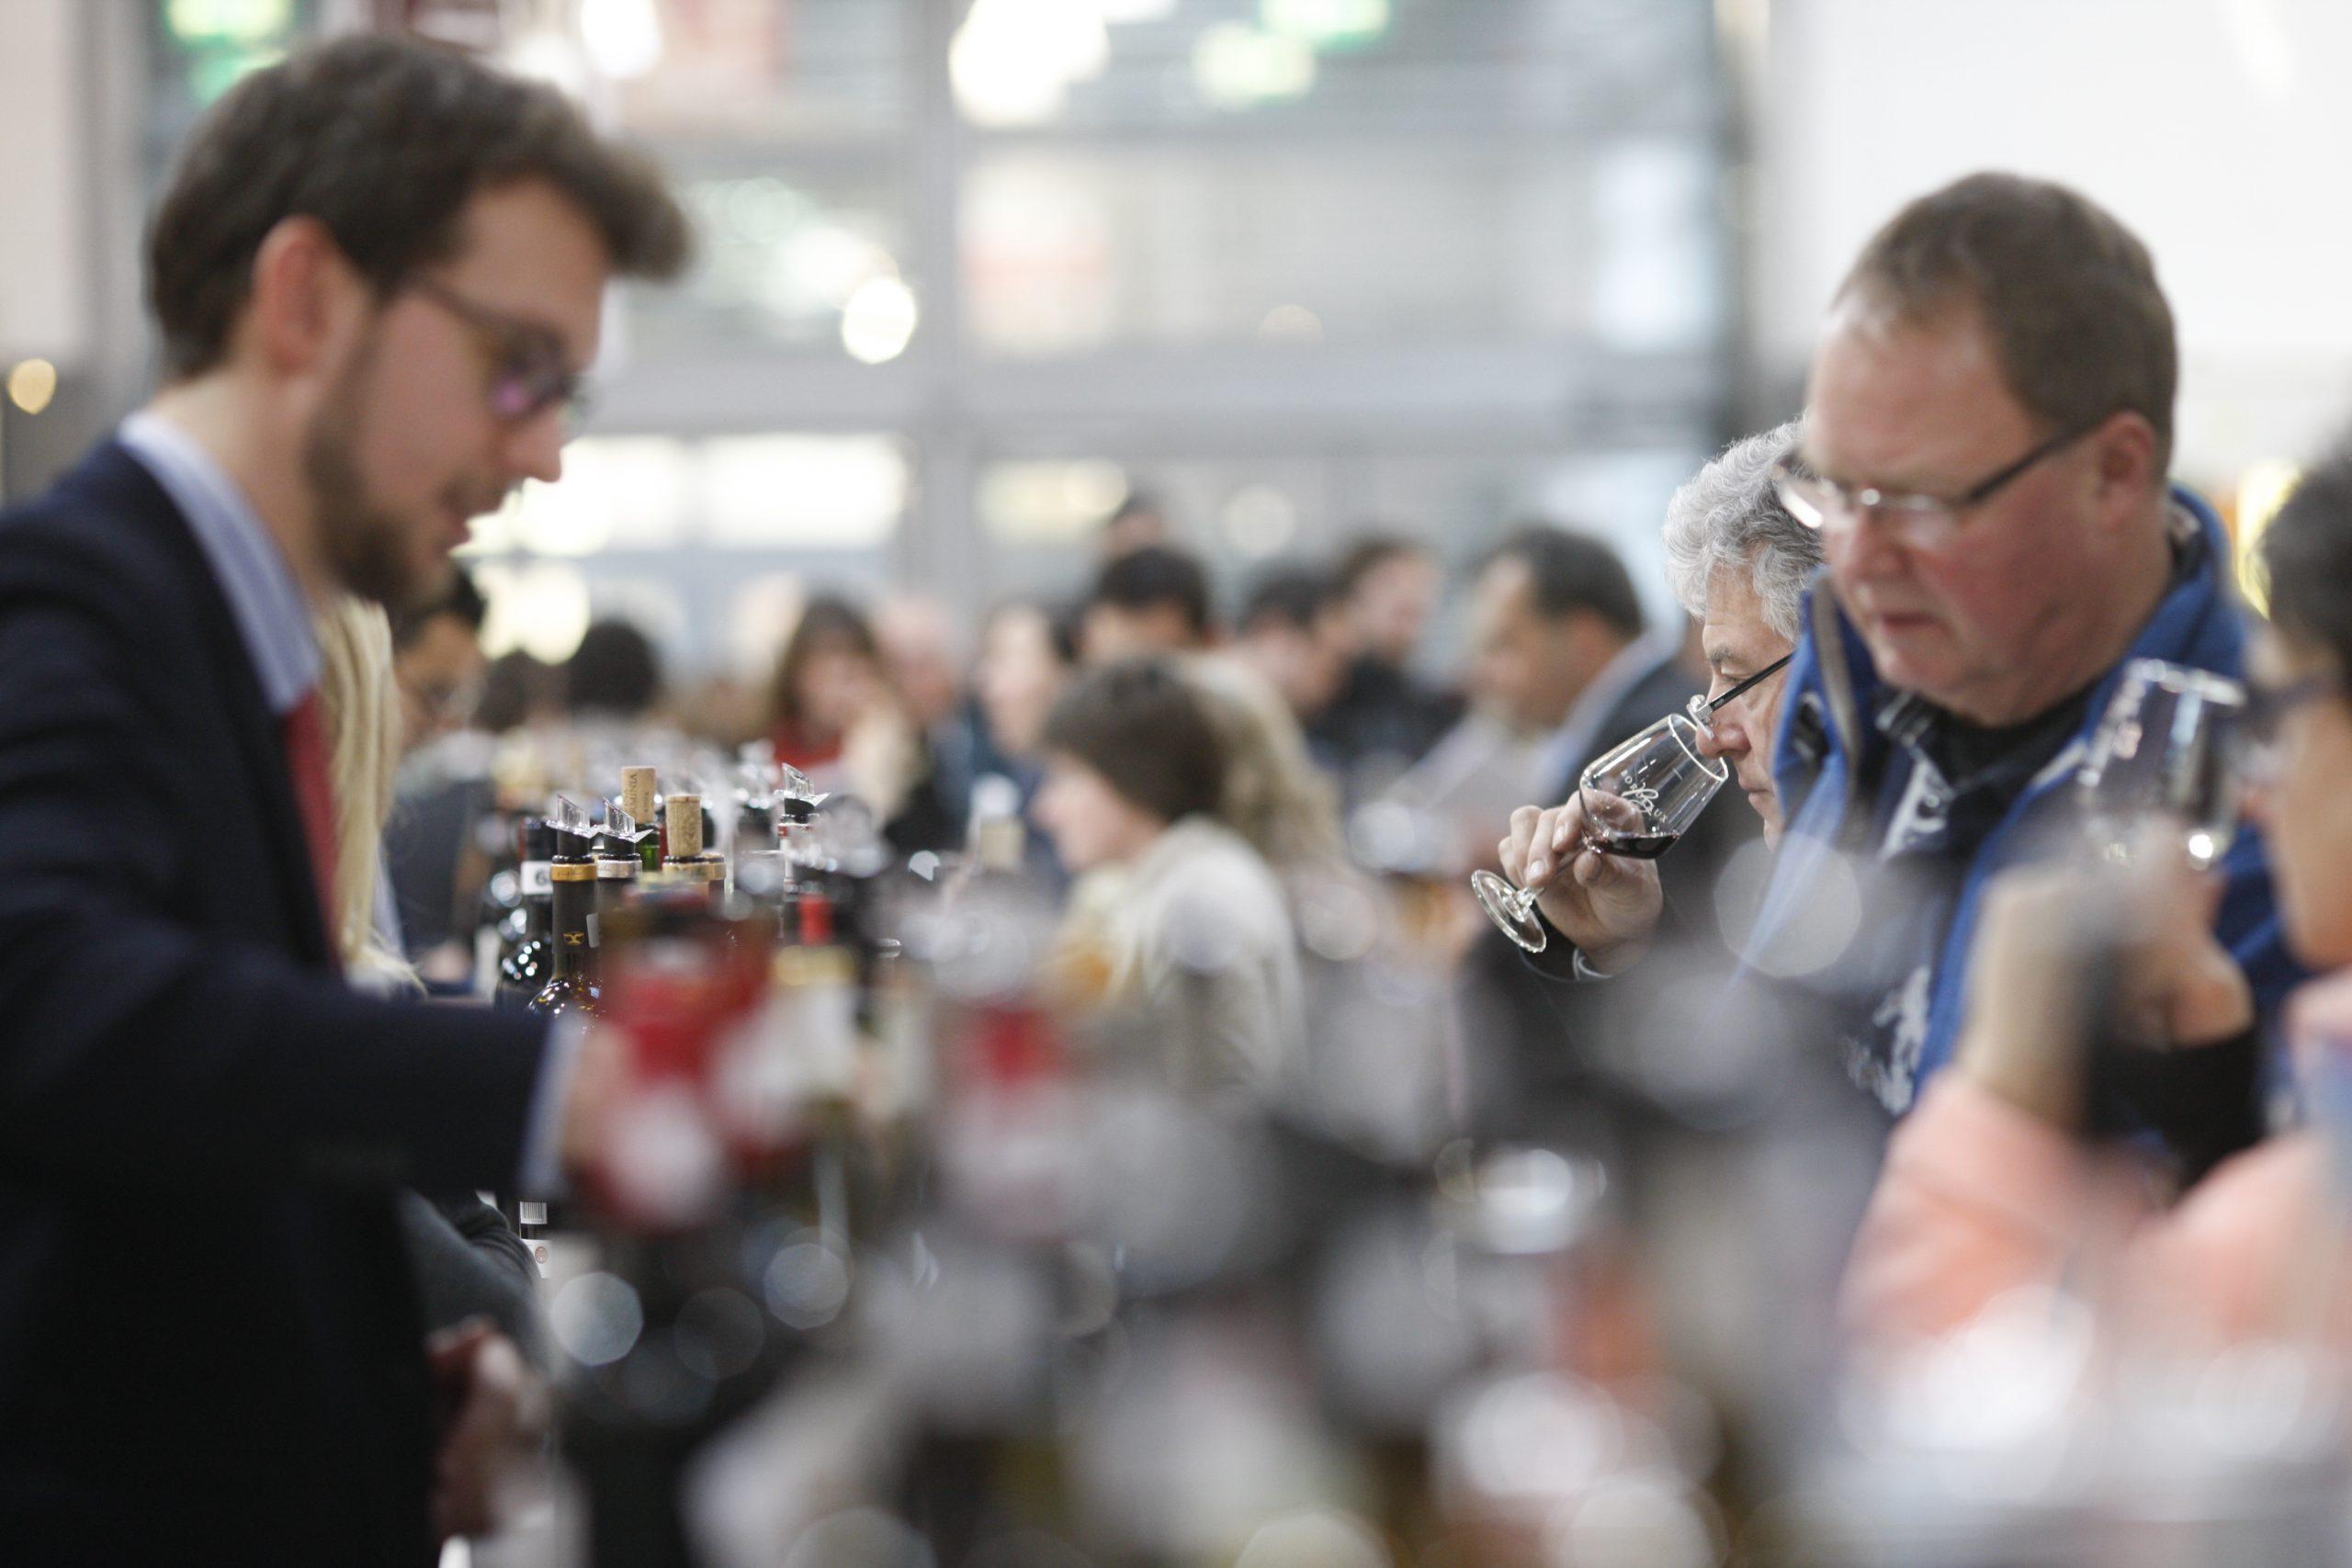 Interesse und Getümmel auf der ProWein 2019 in Düsseldorf